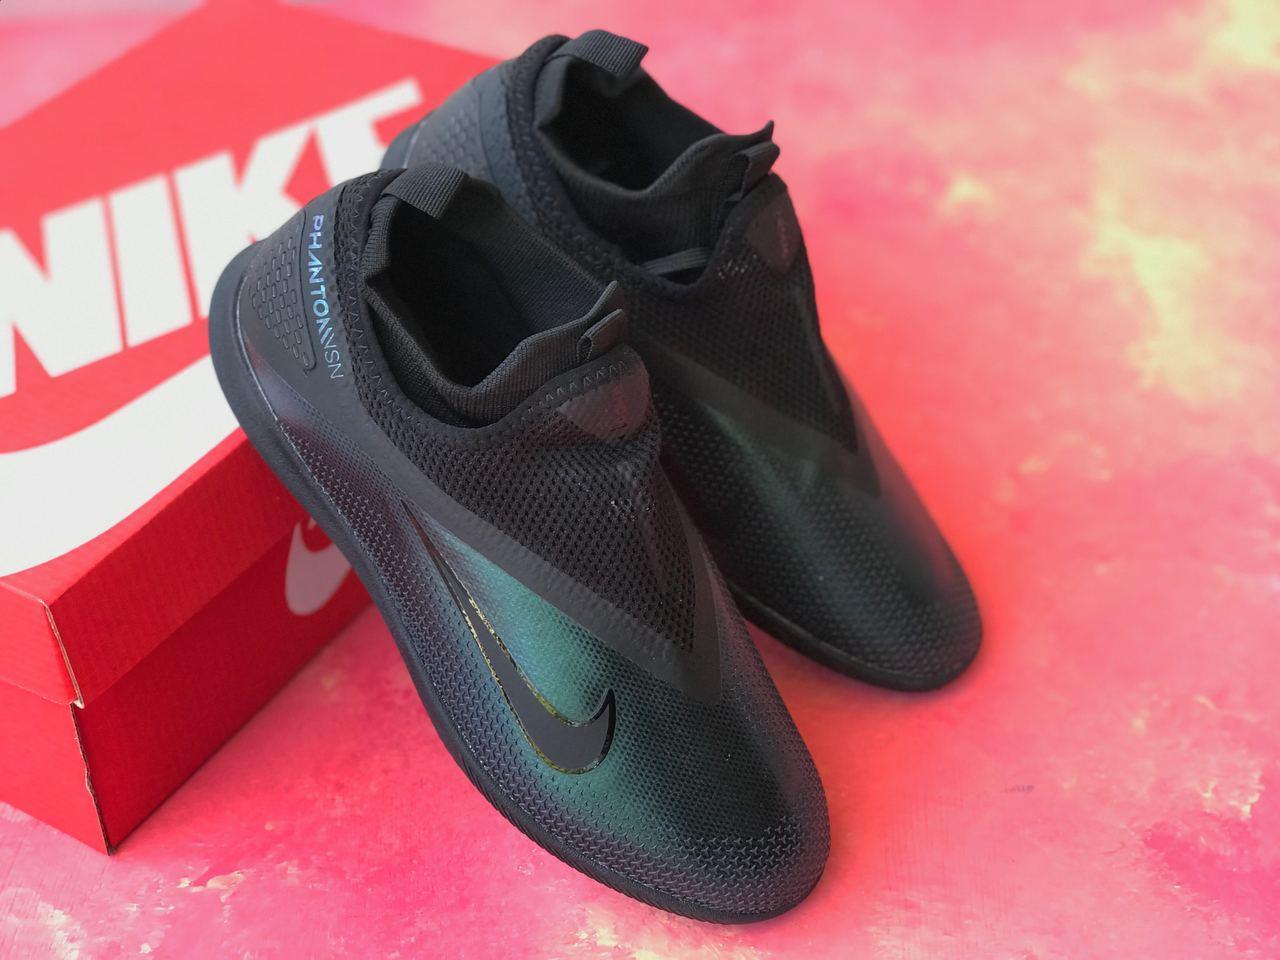 Футзалки Nike Mercurial Vapor 13 Academy Neymar Jr. MG/футзалки найк /футбольная обувь